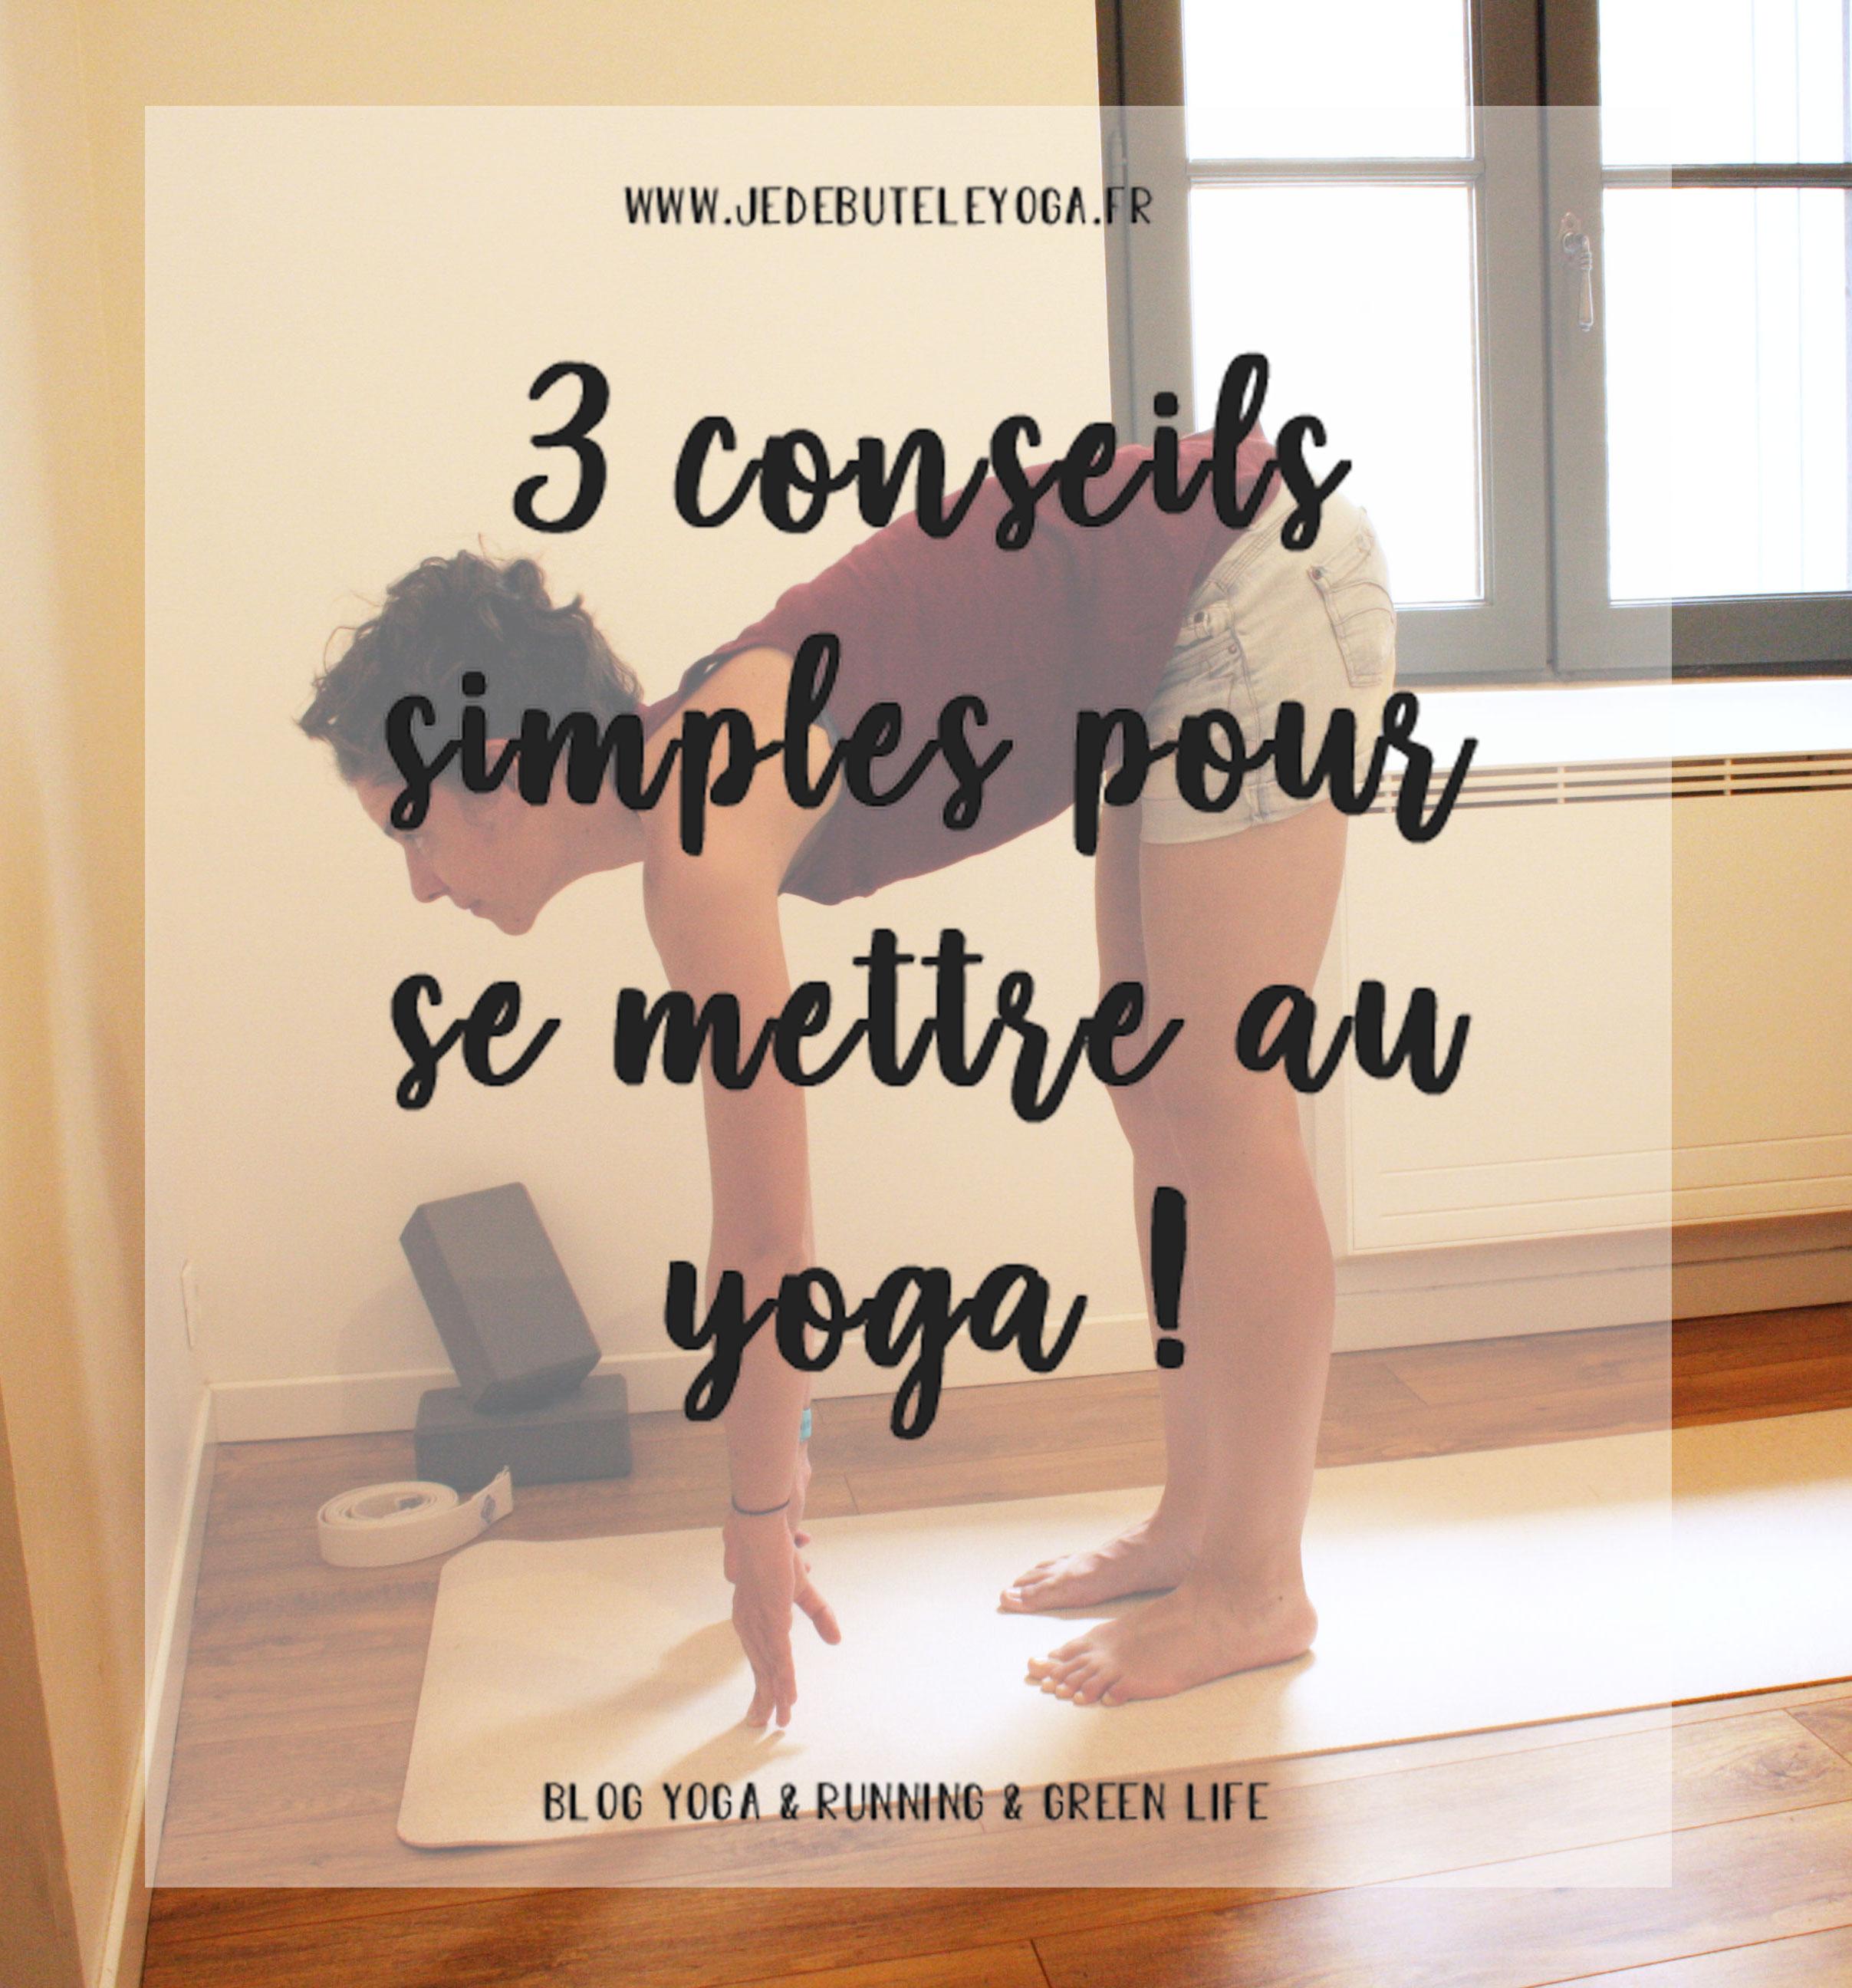 3 conseils simples pour se mettre au yoga